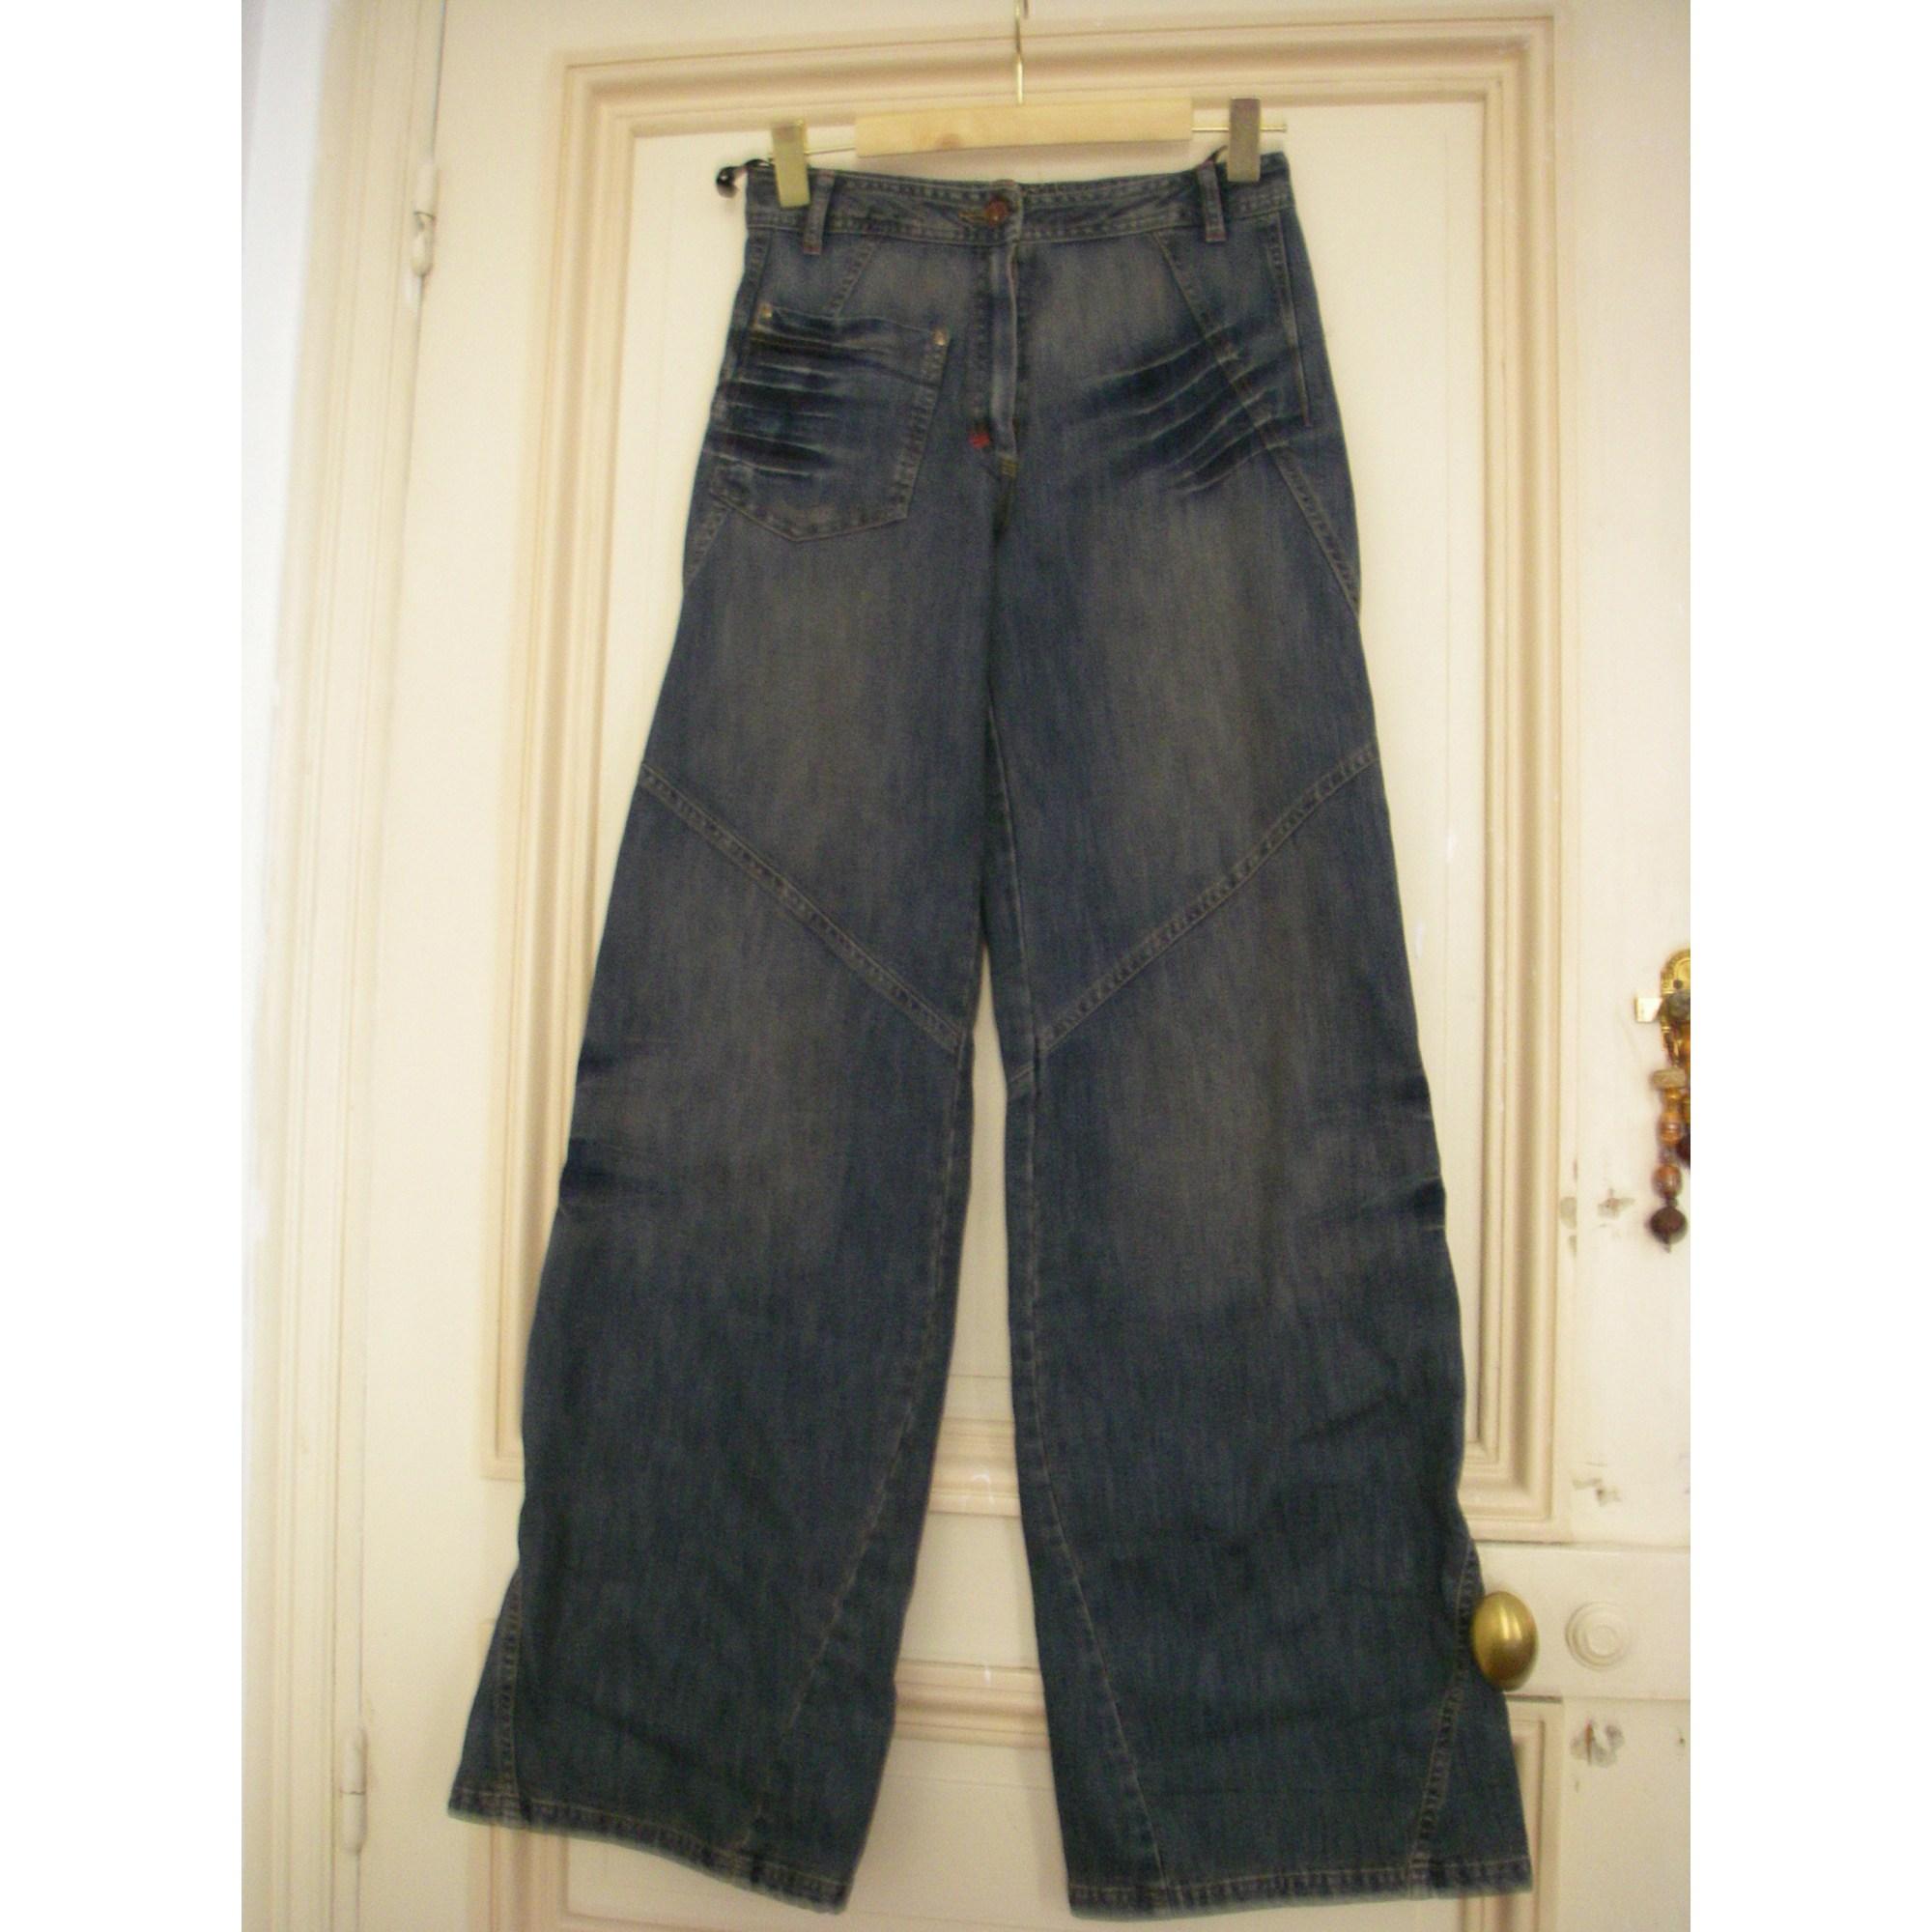 Jeans très evasé, patte d'éléphant CANNISSE Bleu, bleu marine, bleu turquoise